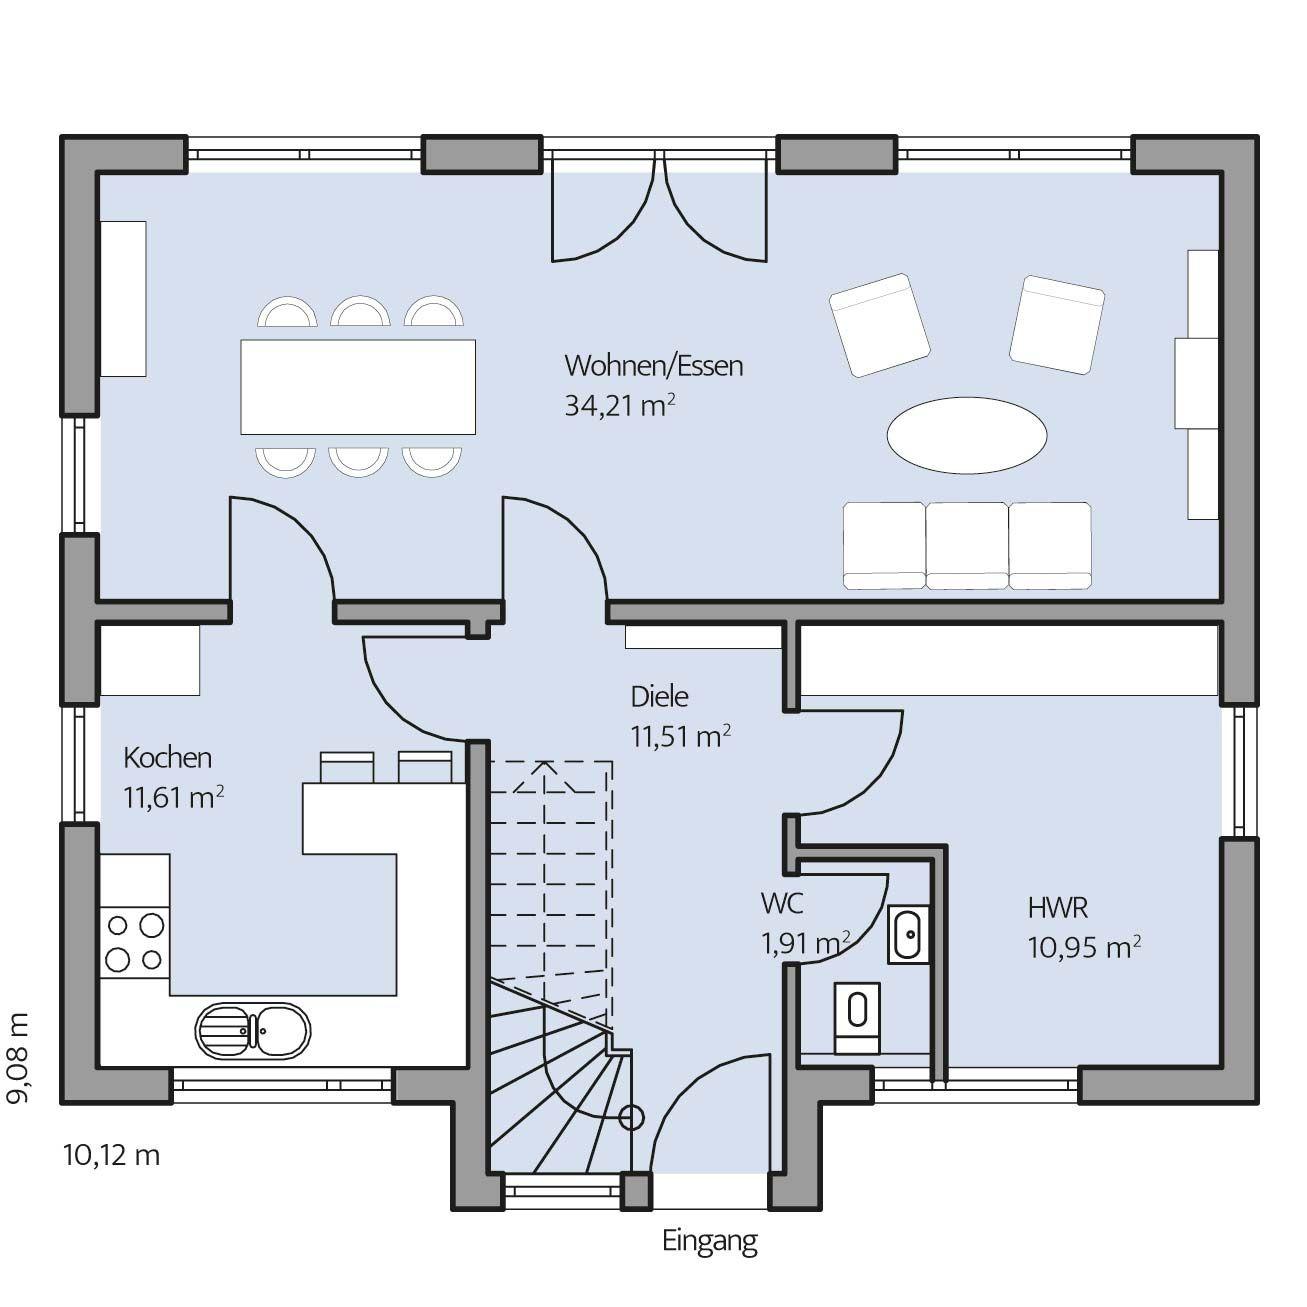 Haus Paulik Baumeister haus, Haus, Design für zuhause